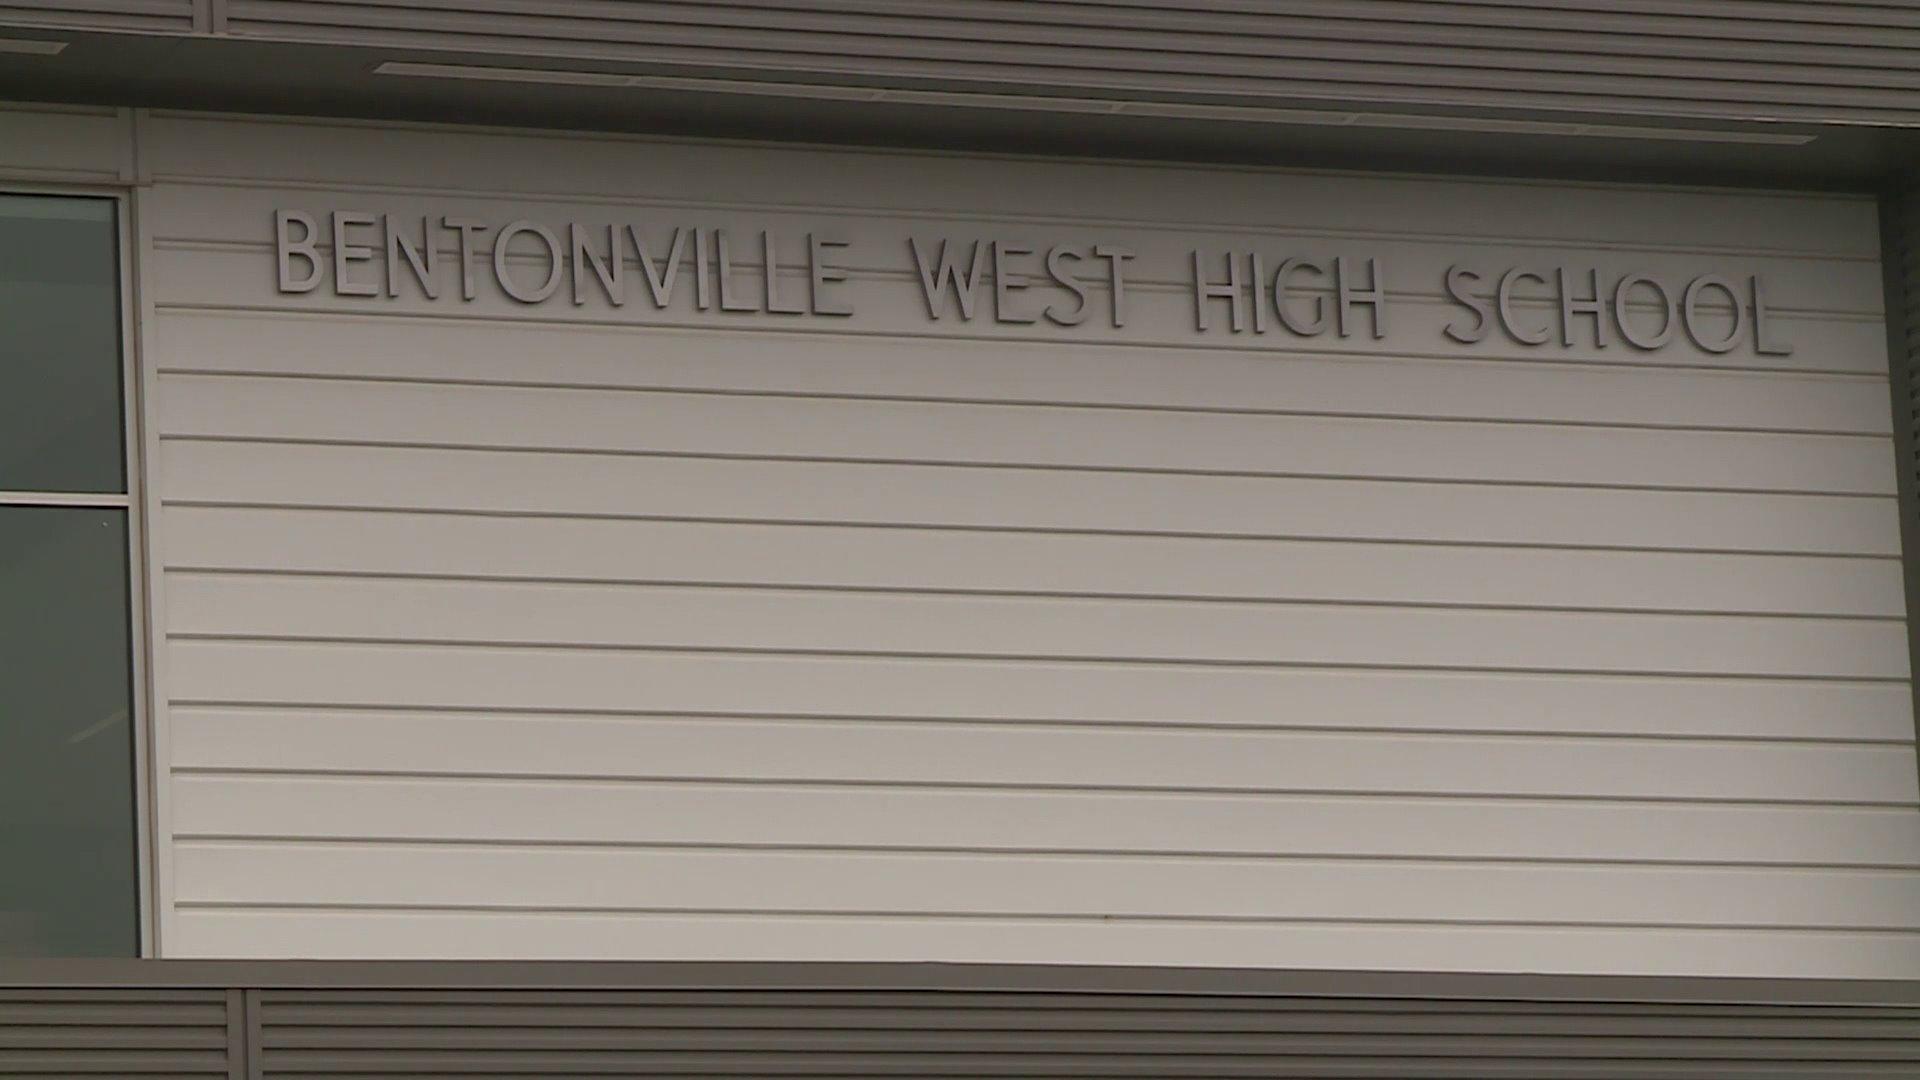 bentonville-west